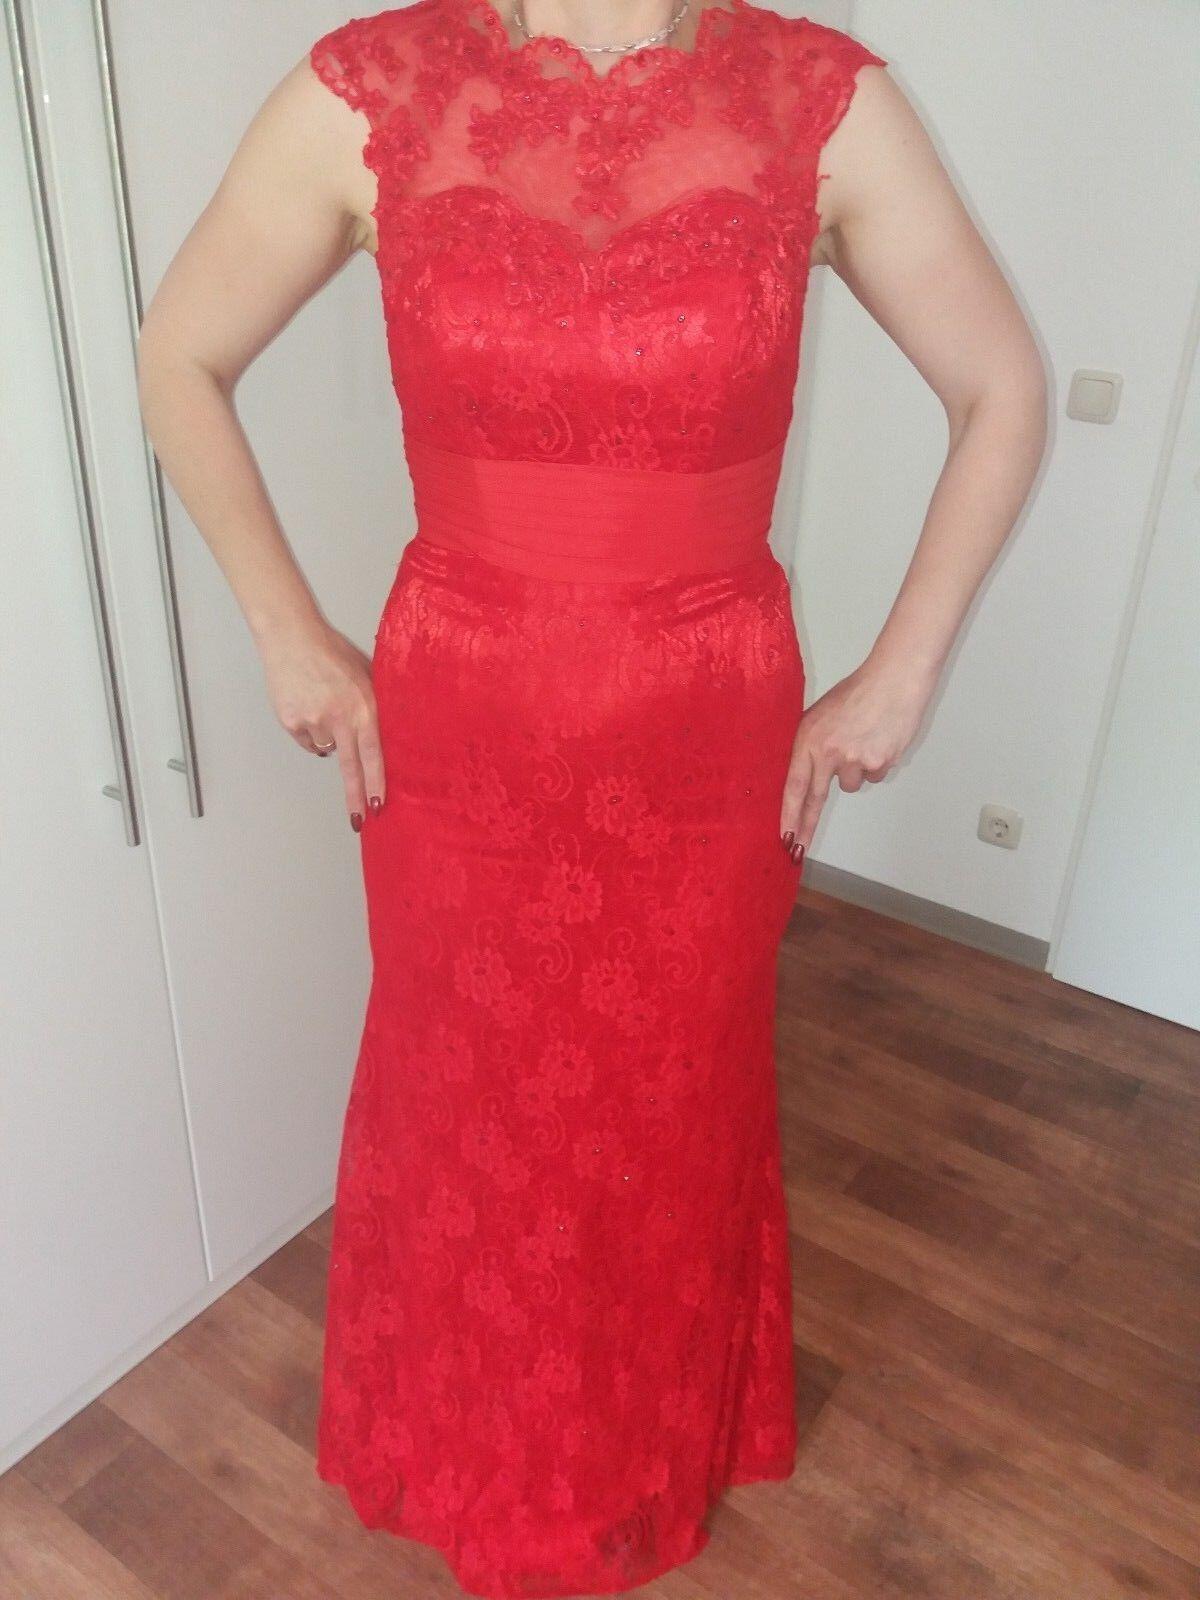 Spitzen Kleid -Maxi Kleid Abendkleid Langes Kleid in ROT Gr.38